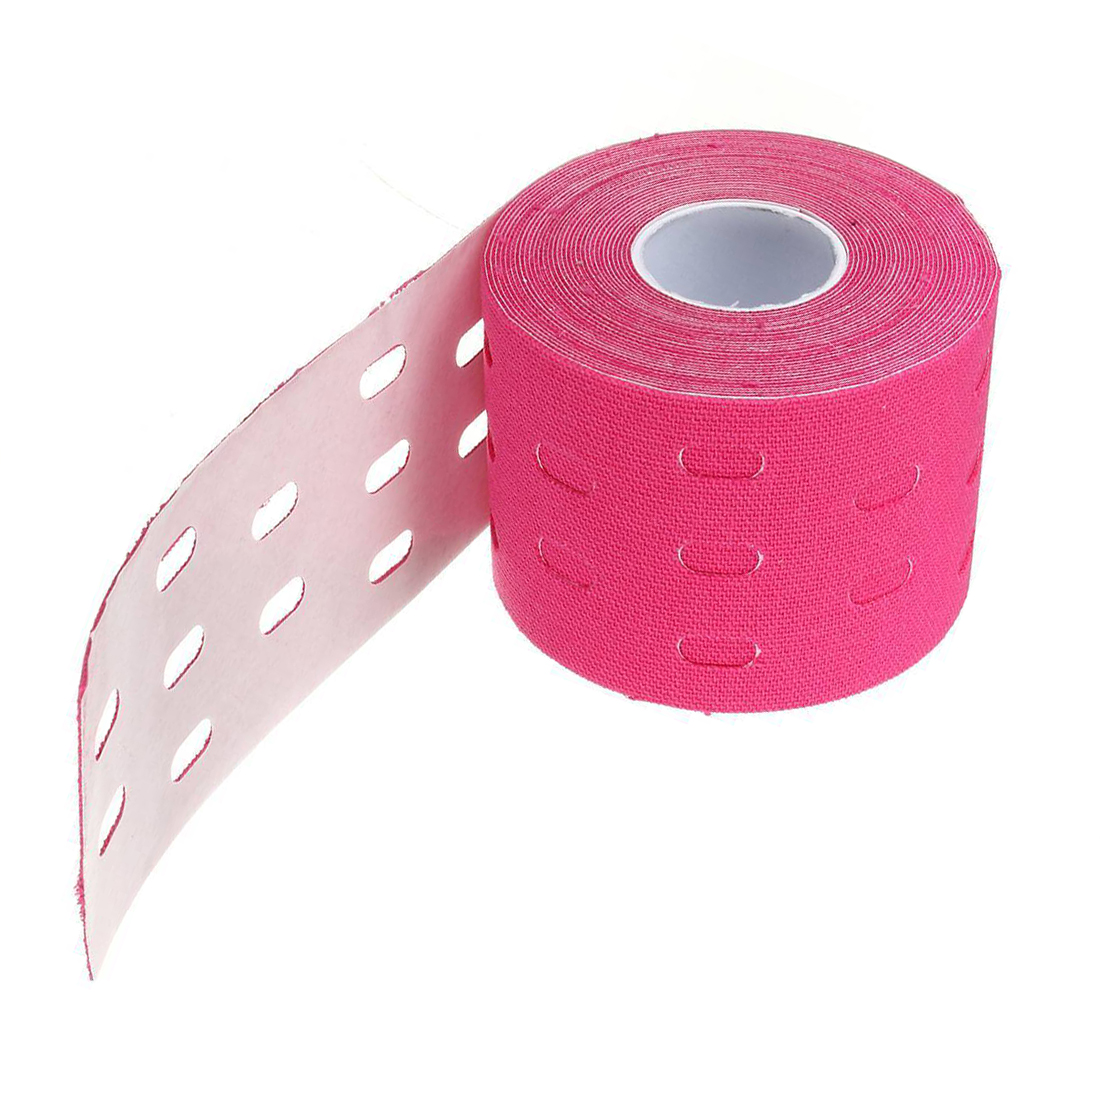 Горячая 1 рулон 5 м * 5 см кинезиологии мышцы Спорт Уход эластичный Врач Терапевтический Лента Цвет: розовый